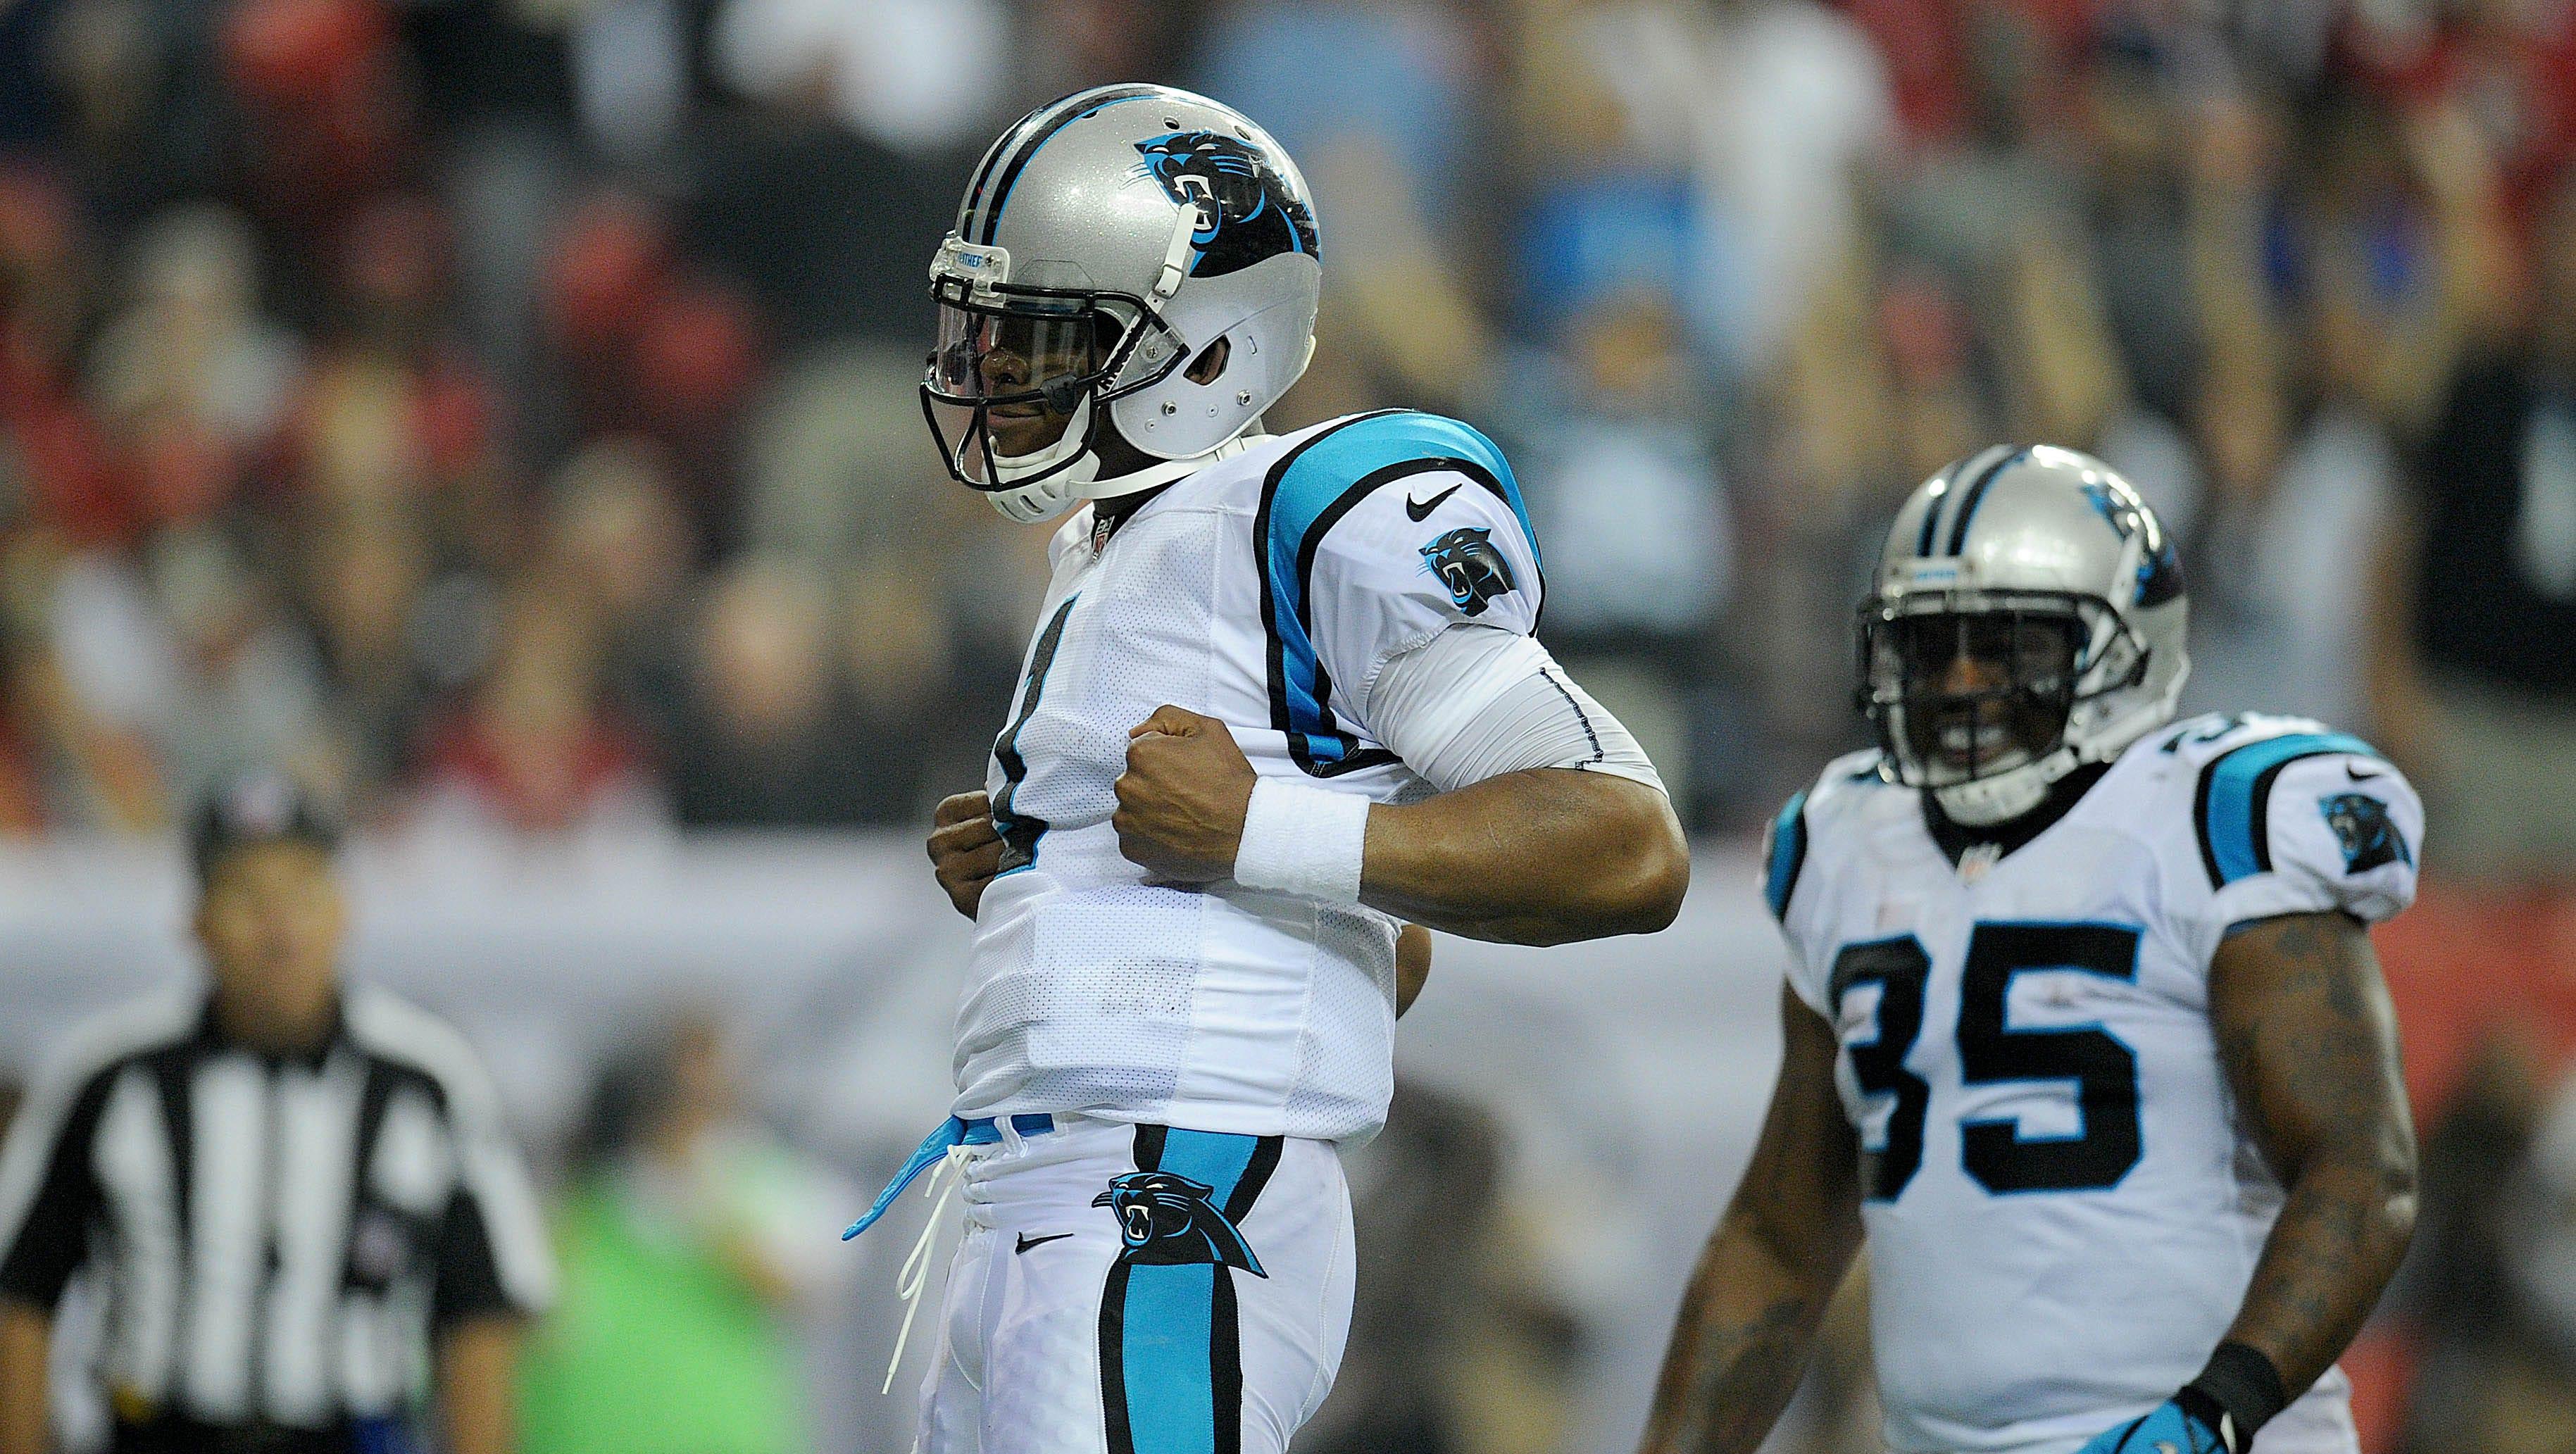 3. Cam Newton, Carolina Panthers